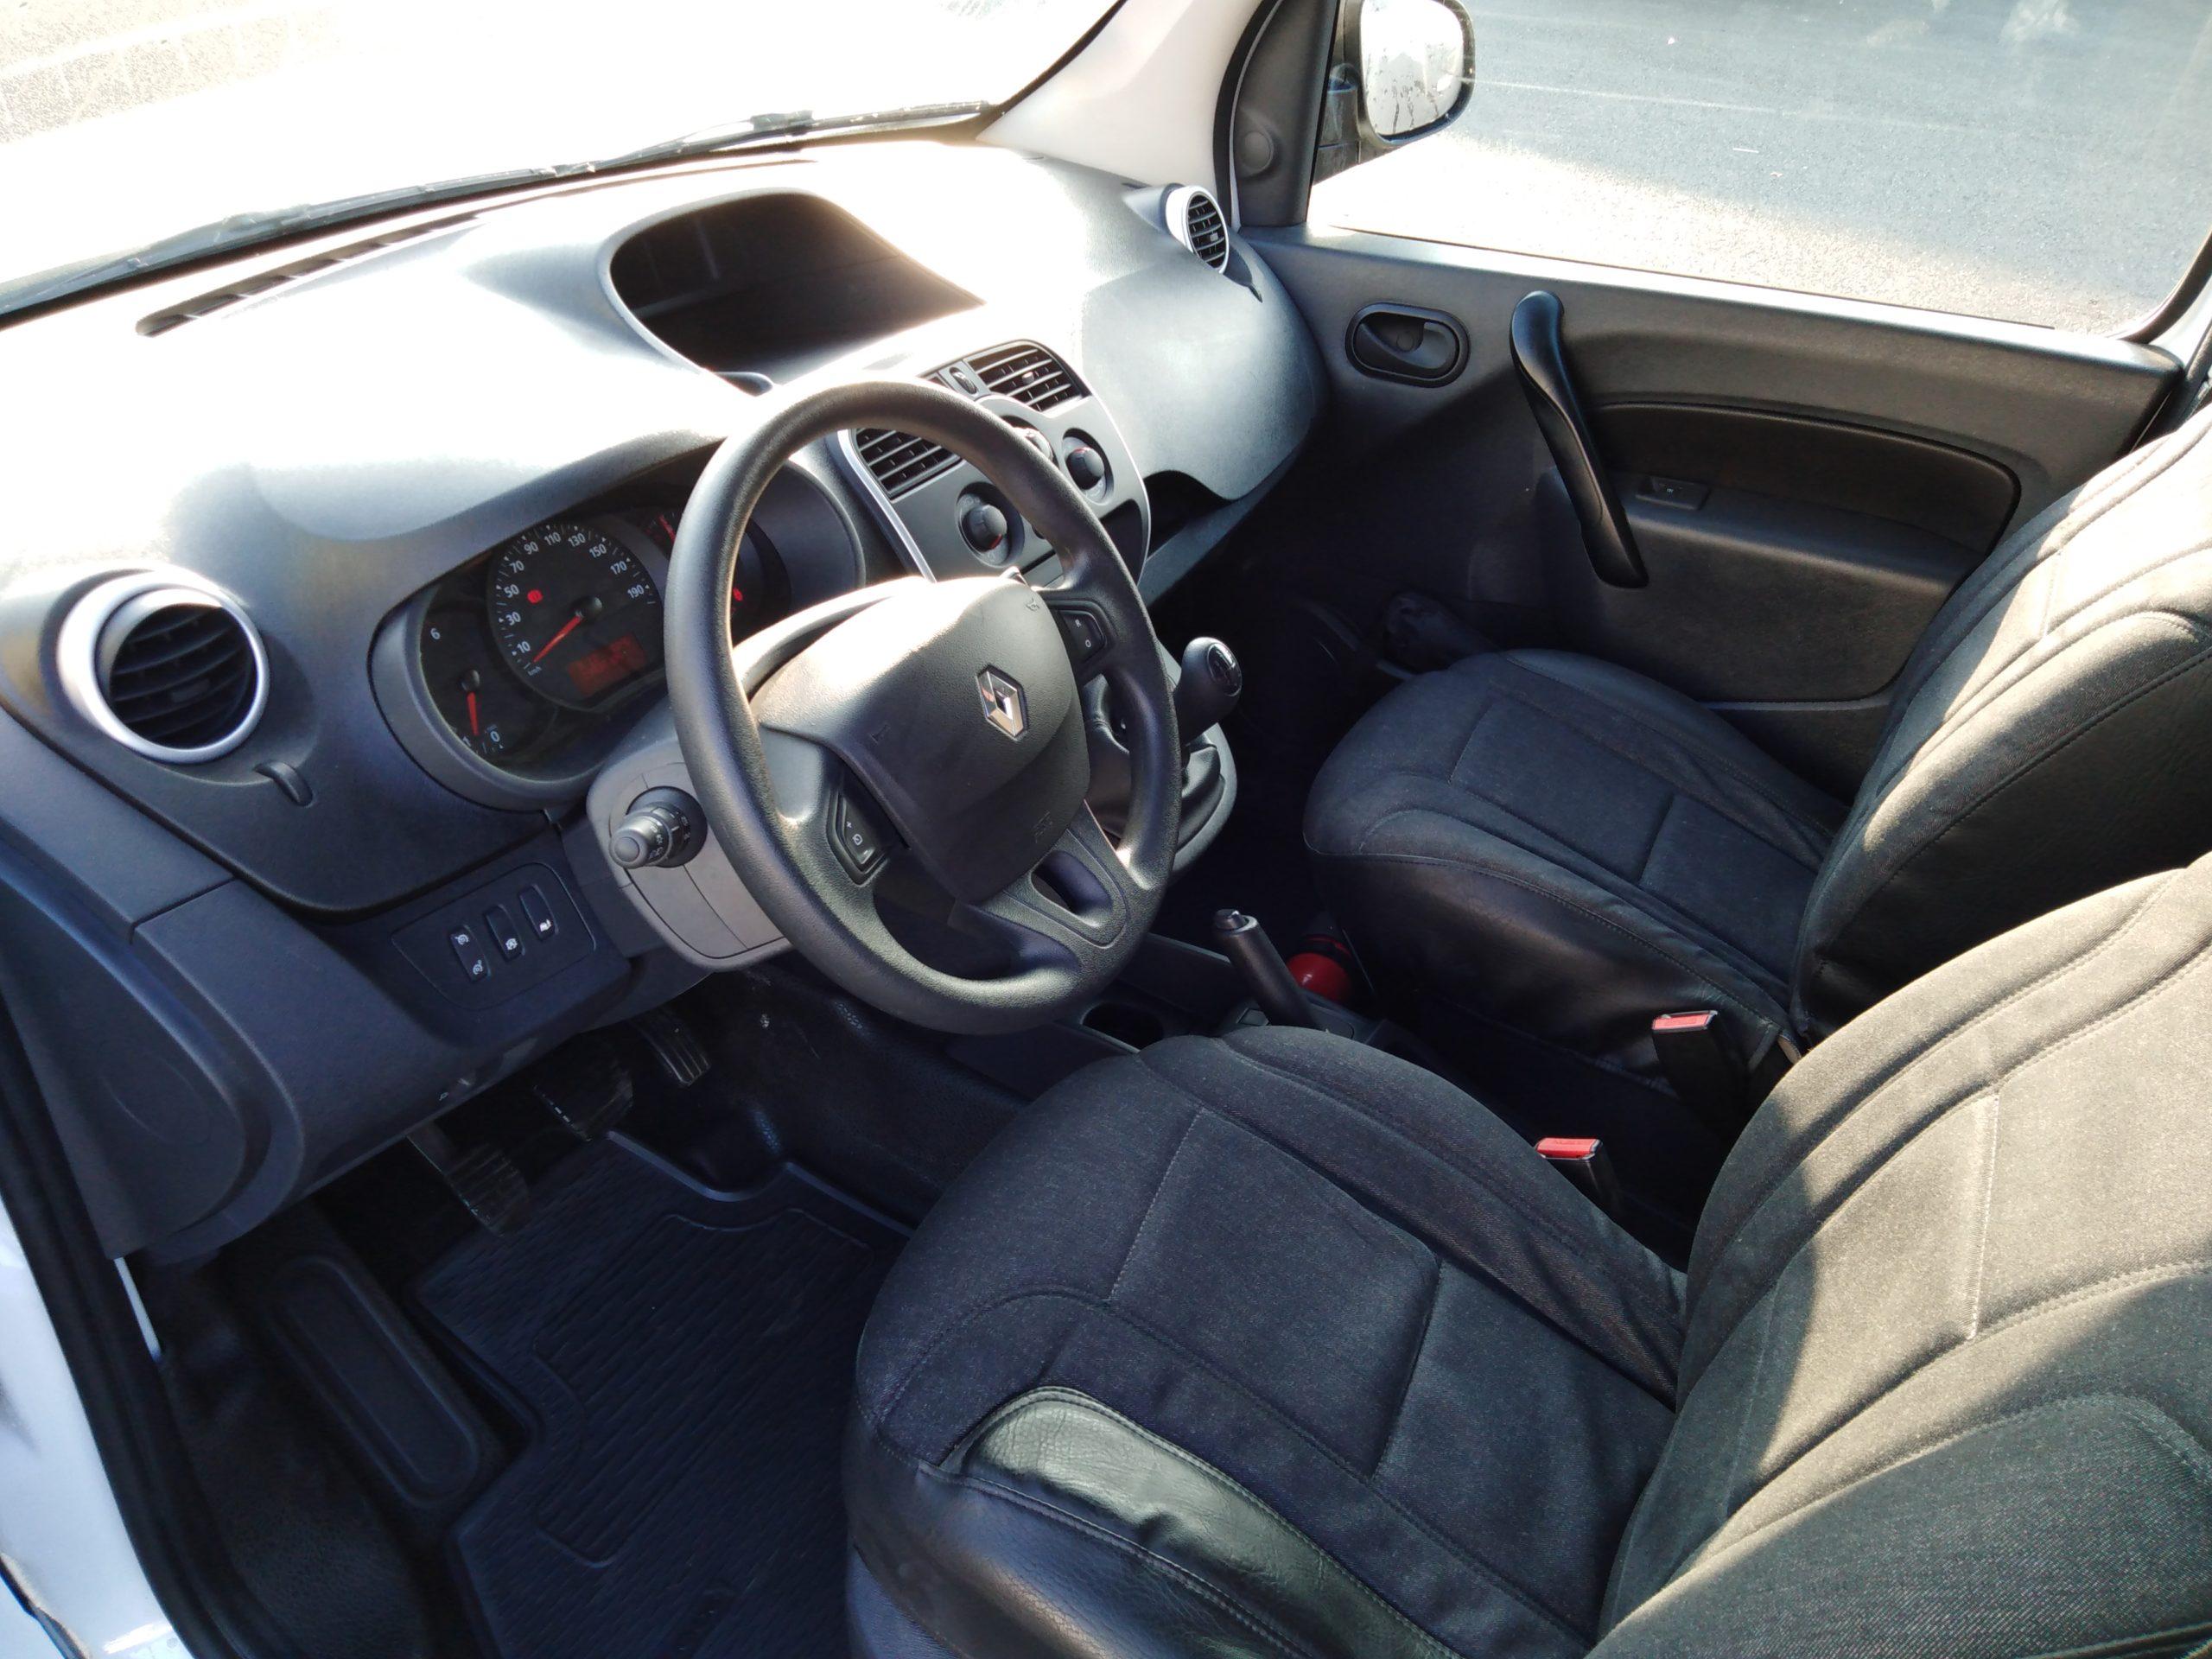 Location d'un utilitaire fourgonnette - Renault Kangoo L1H1-L2H1 3m3 - Vue4